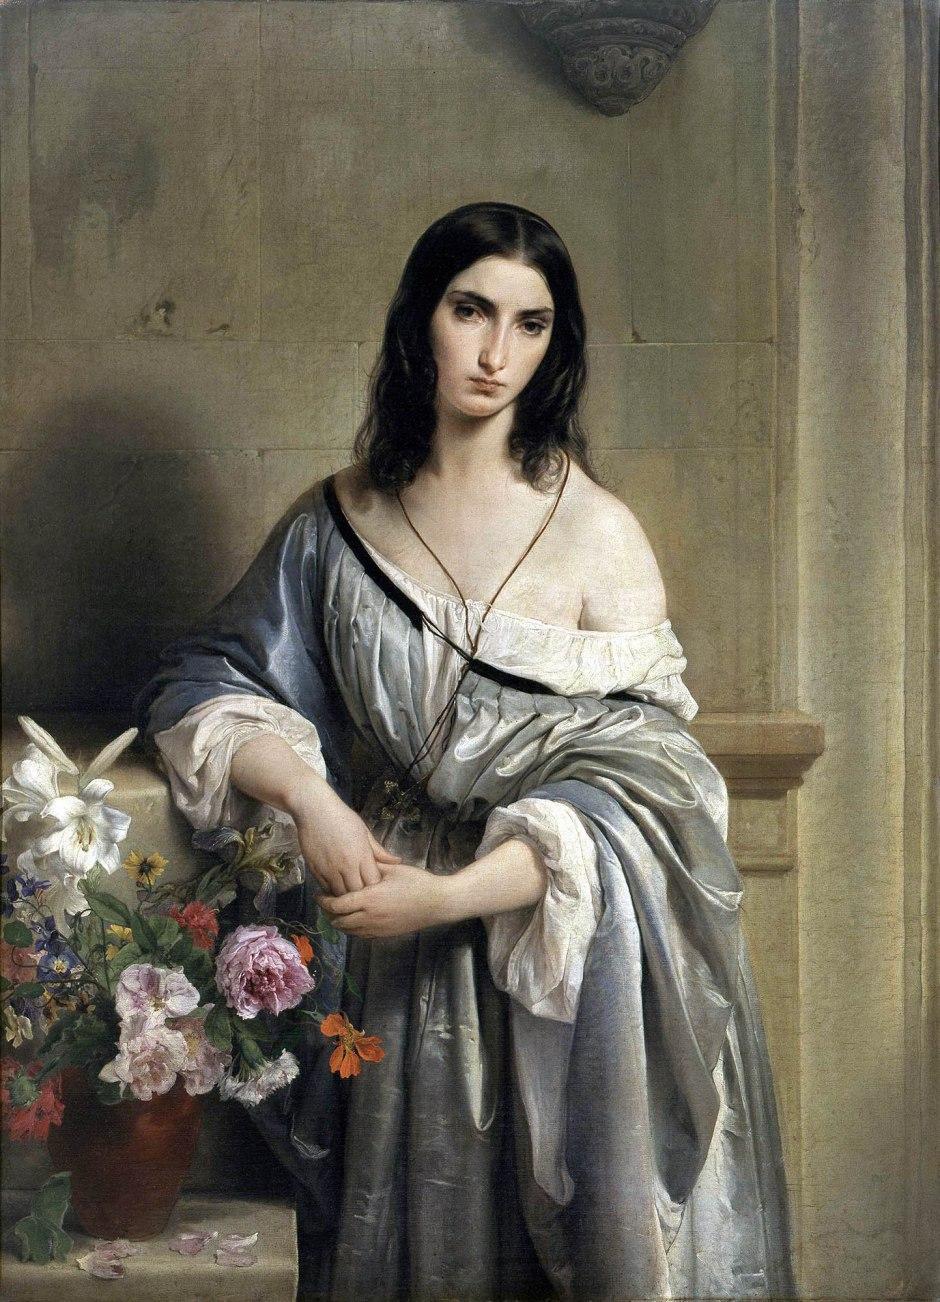 francesco hayez, malinconia, 1840-42